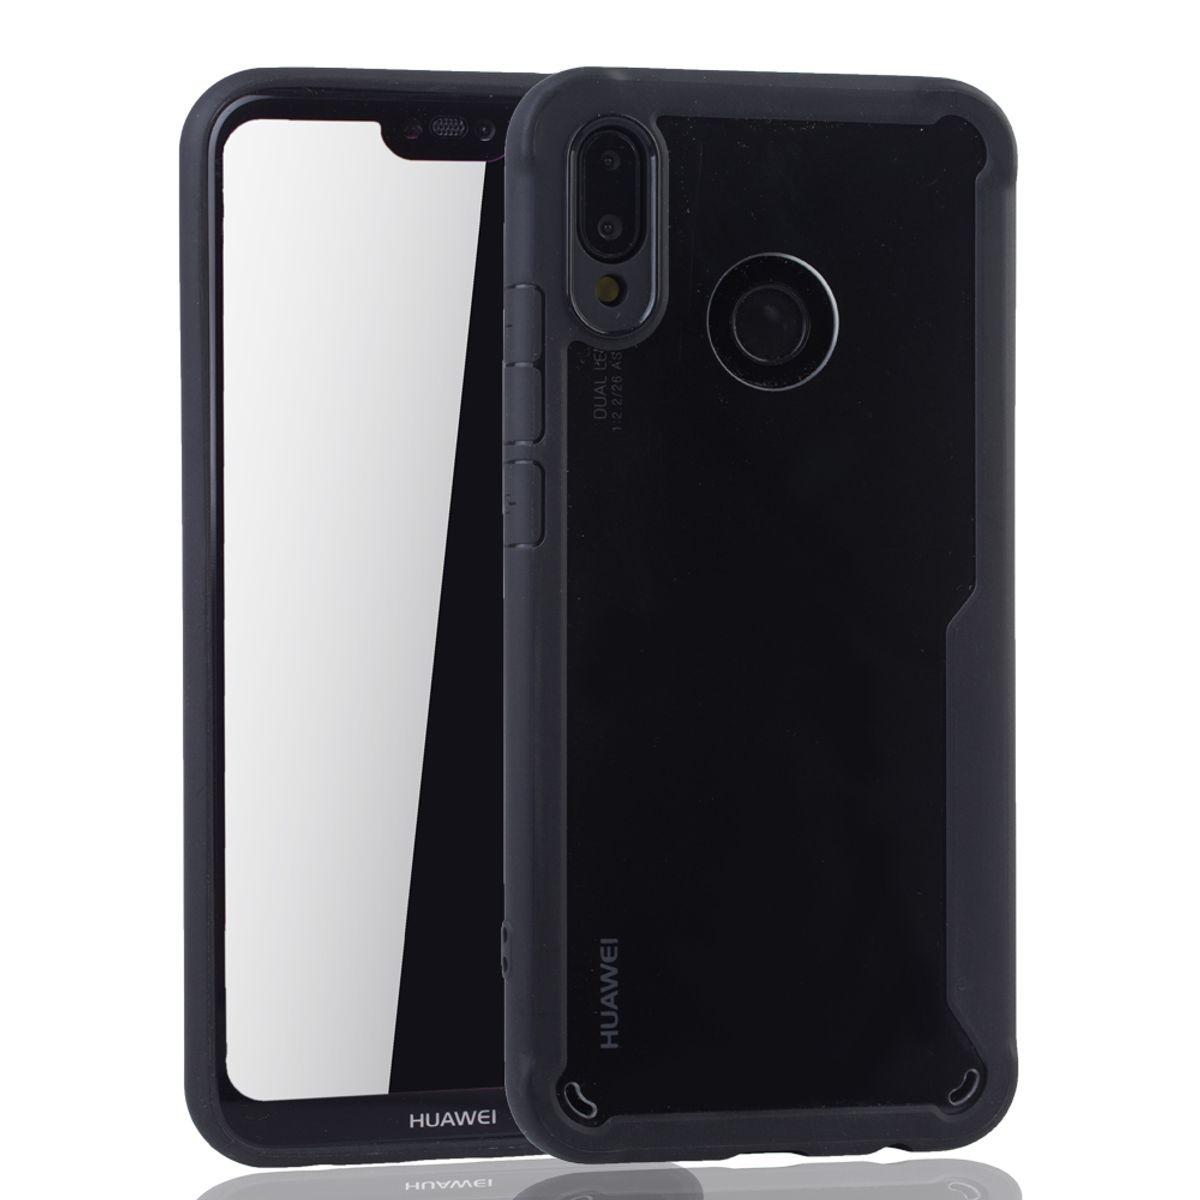 Schwarze Premium Huawei P20 Lite Hybrid Editon Hülle   Unterstützt  Kabelloses Laden   aus edlem Acryl mit weichem Silikonrand Schwarz